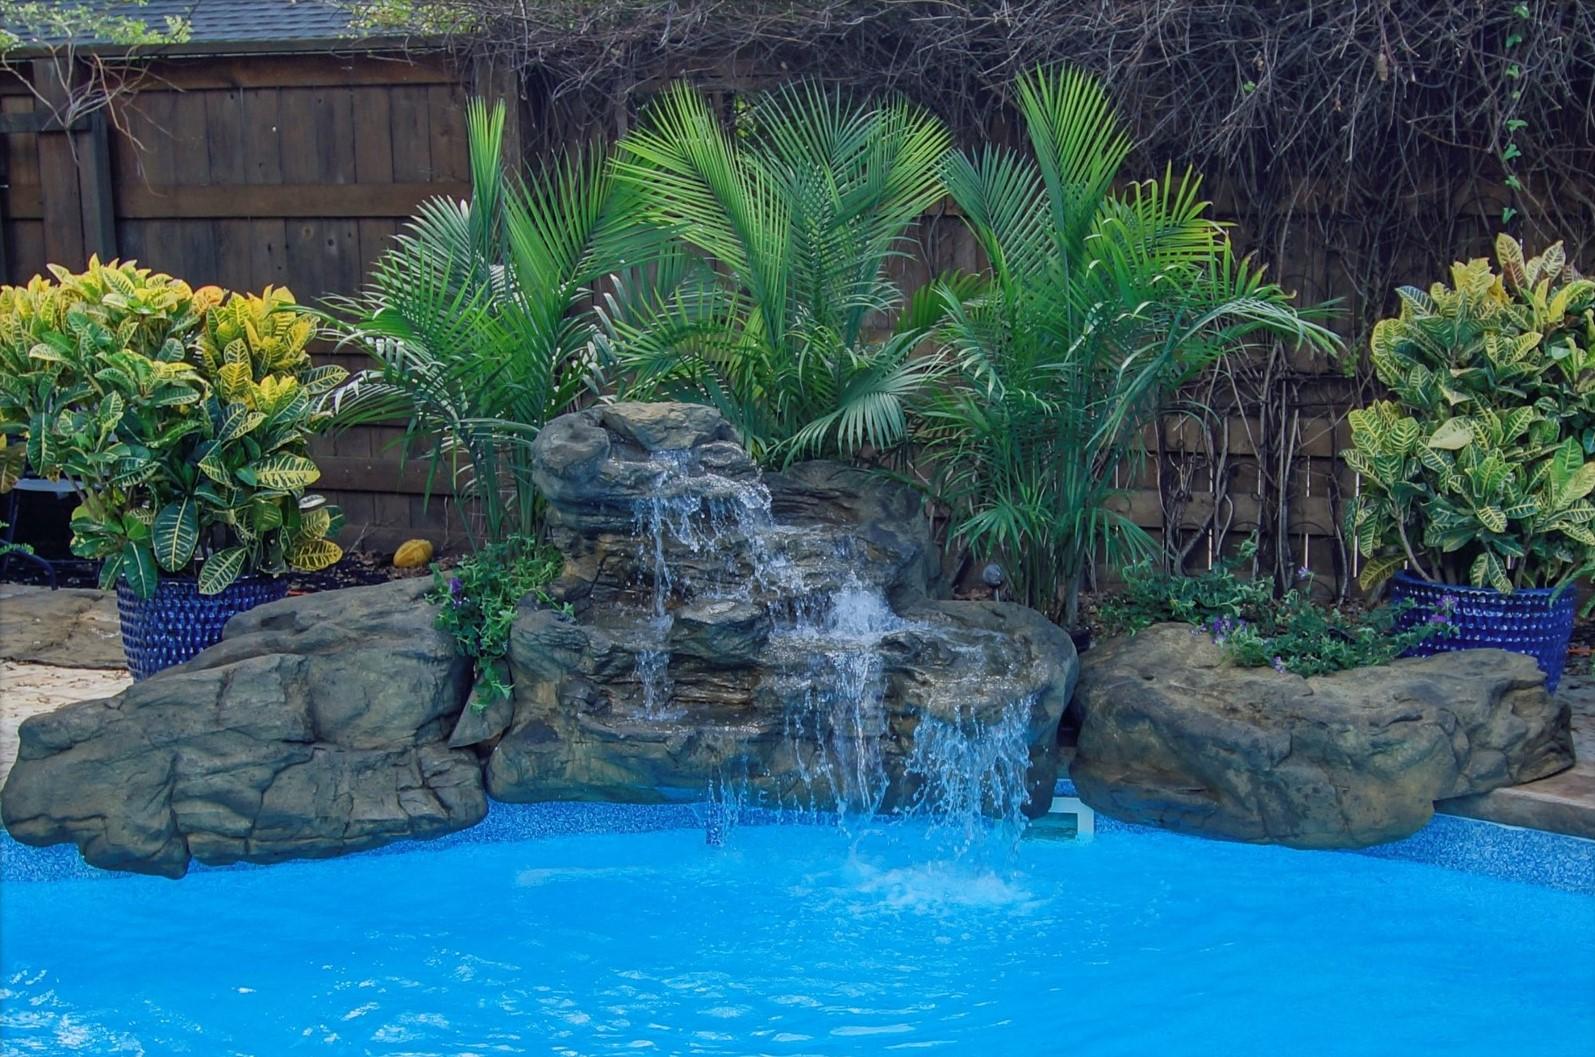 Victoria Falls Swimming Pool Waterfall Kit